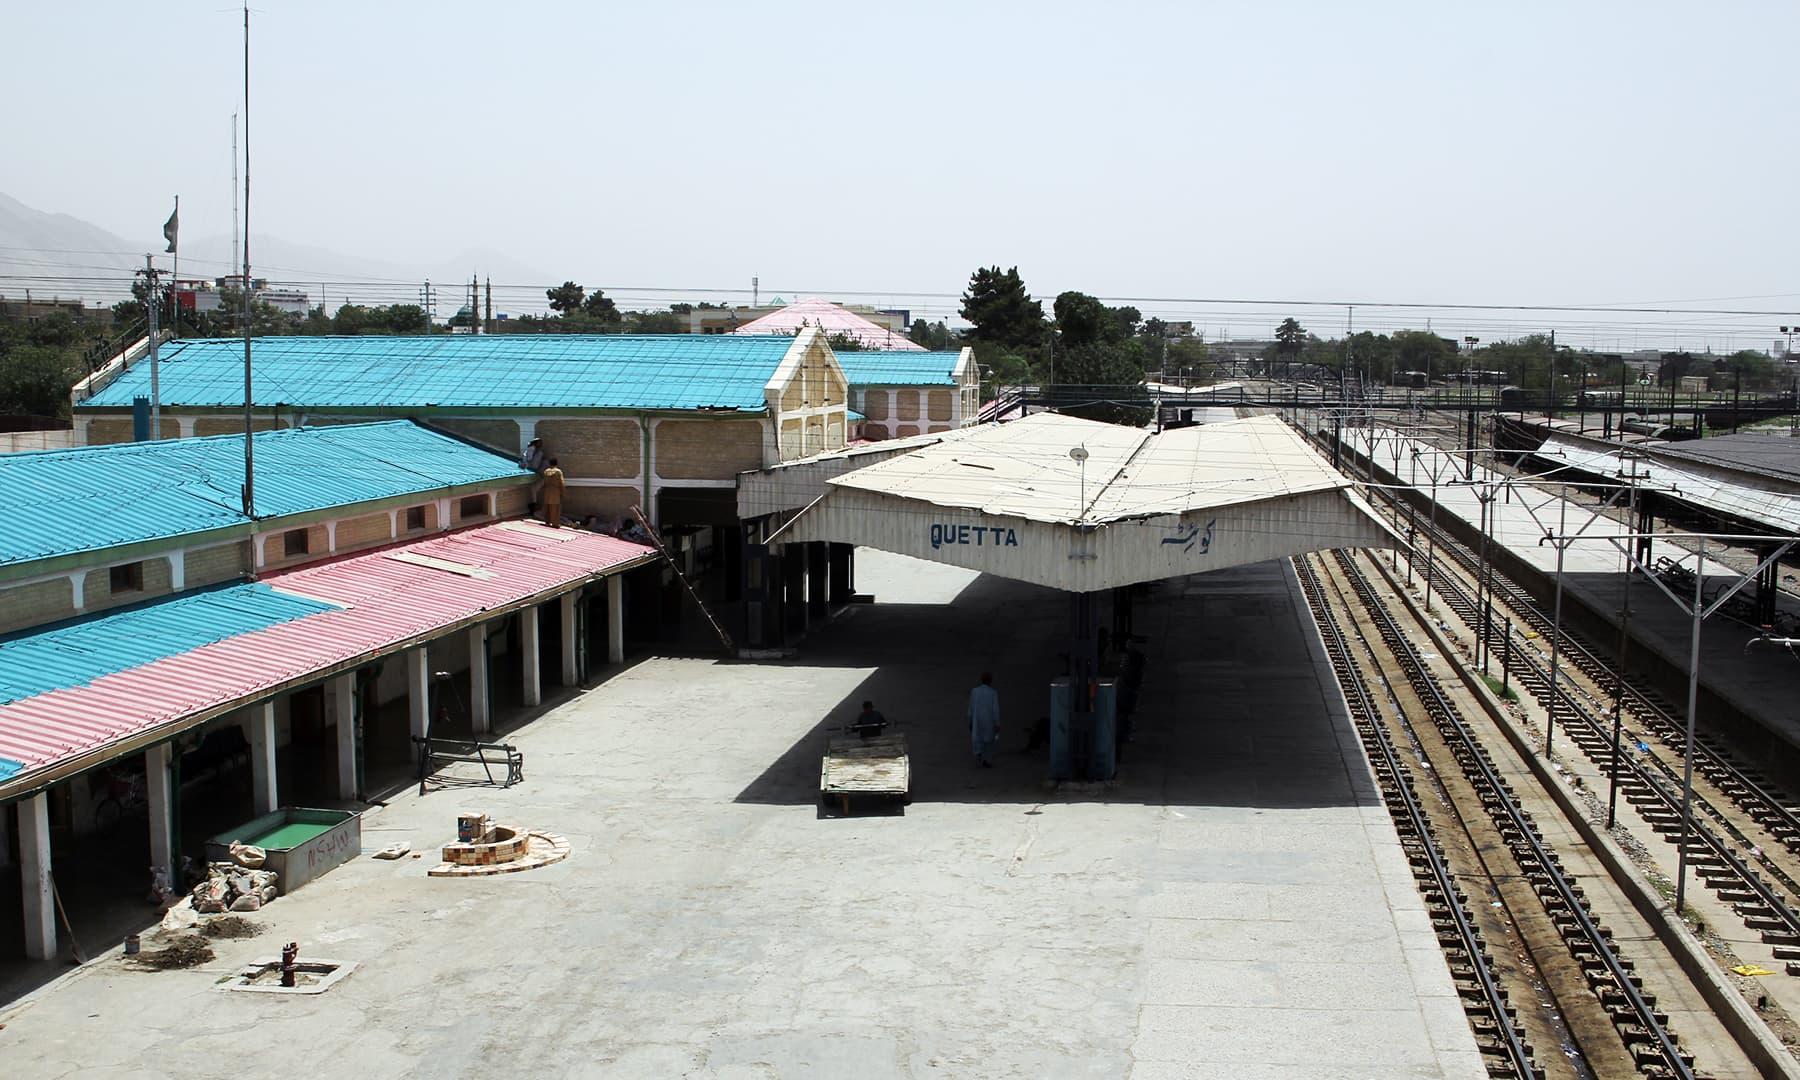 کوئٹہ ریلوے اسٹیشن—تصویر عبیداللہ کیہر